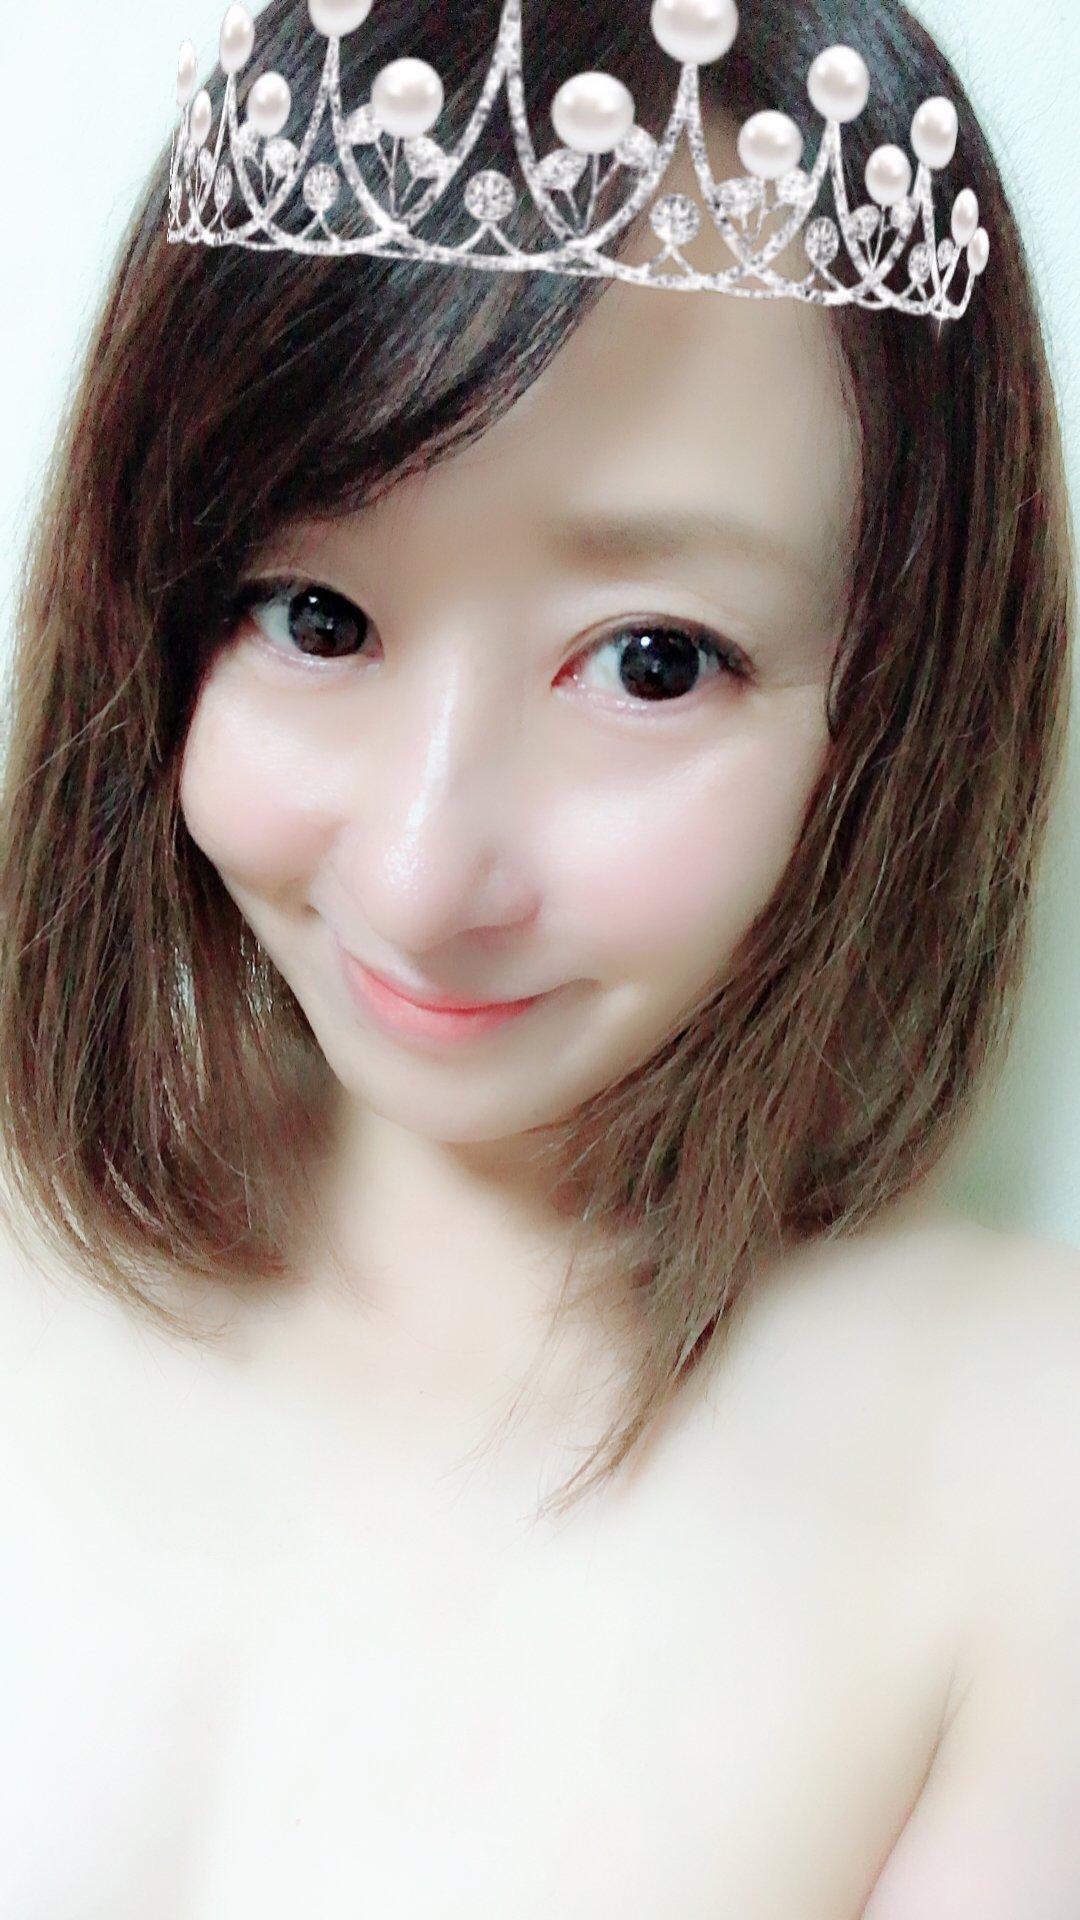 お風呂上がり〜(^-^)